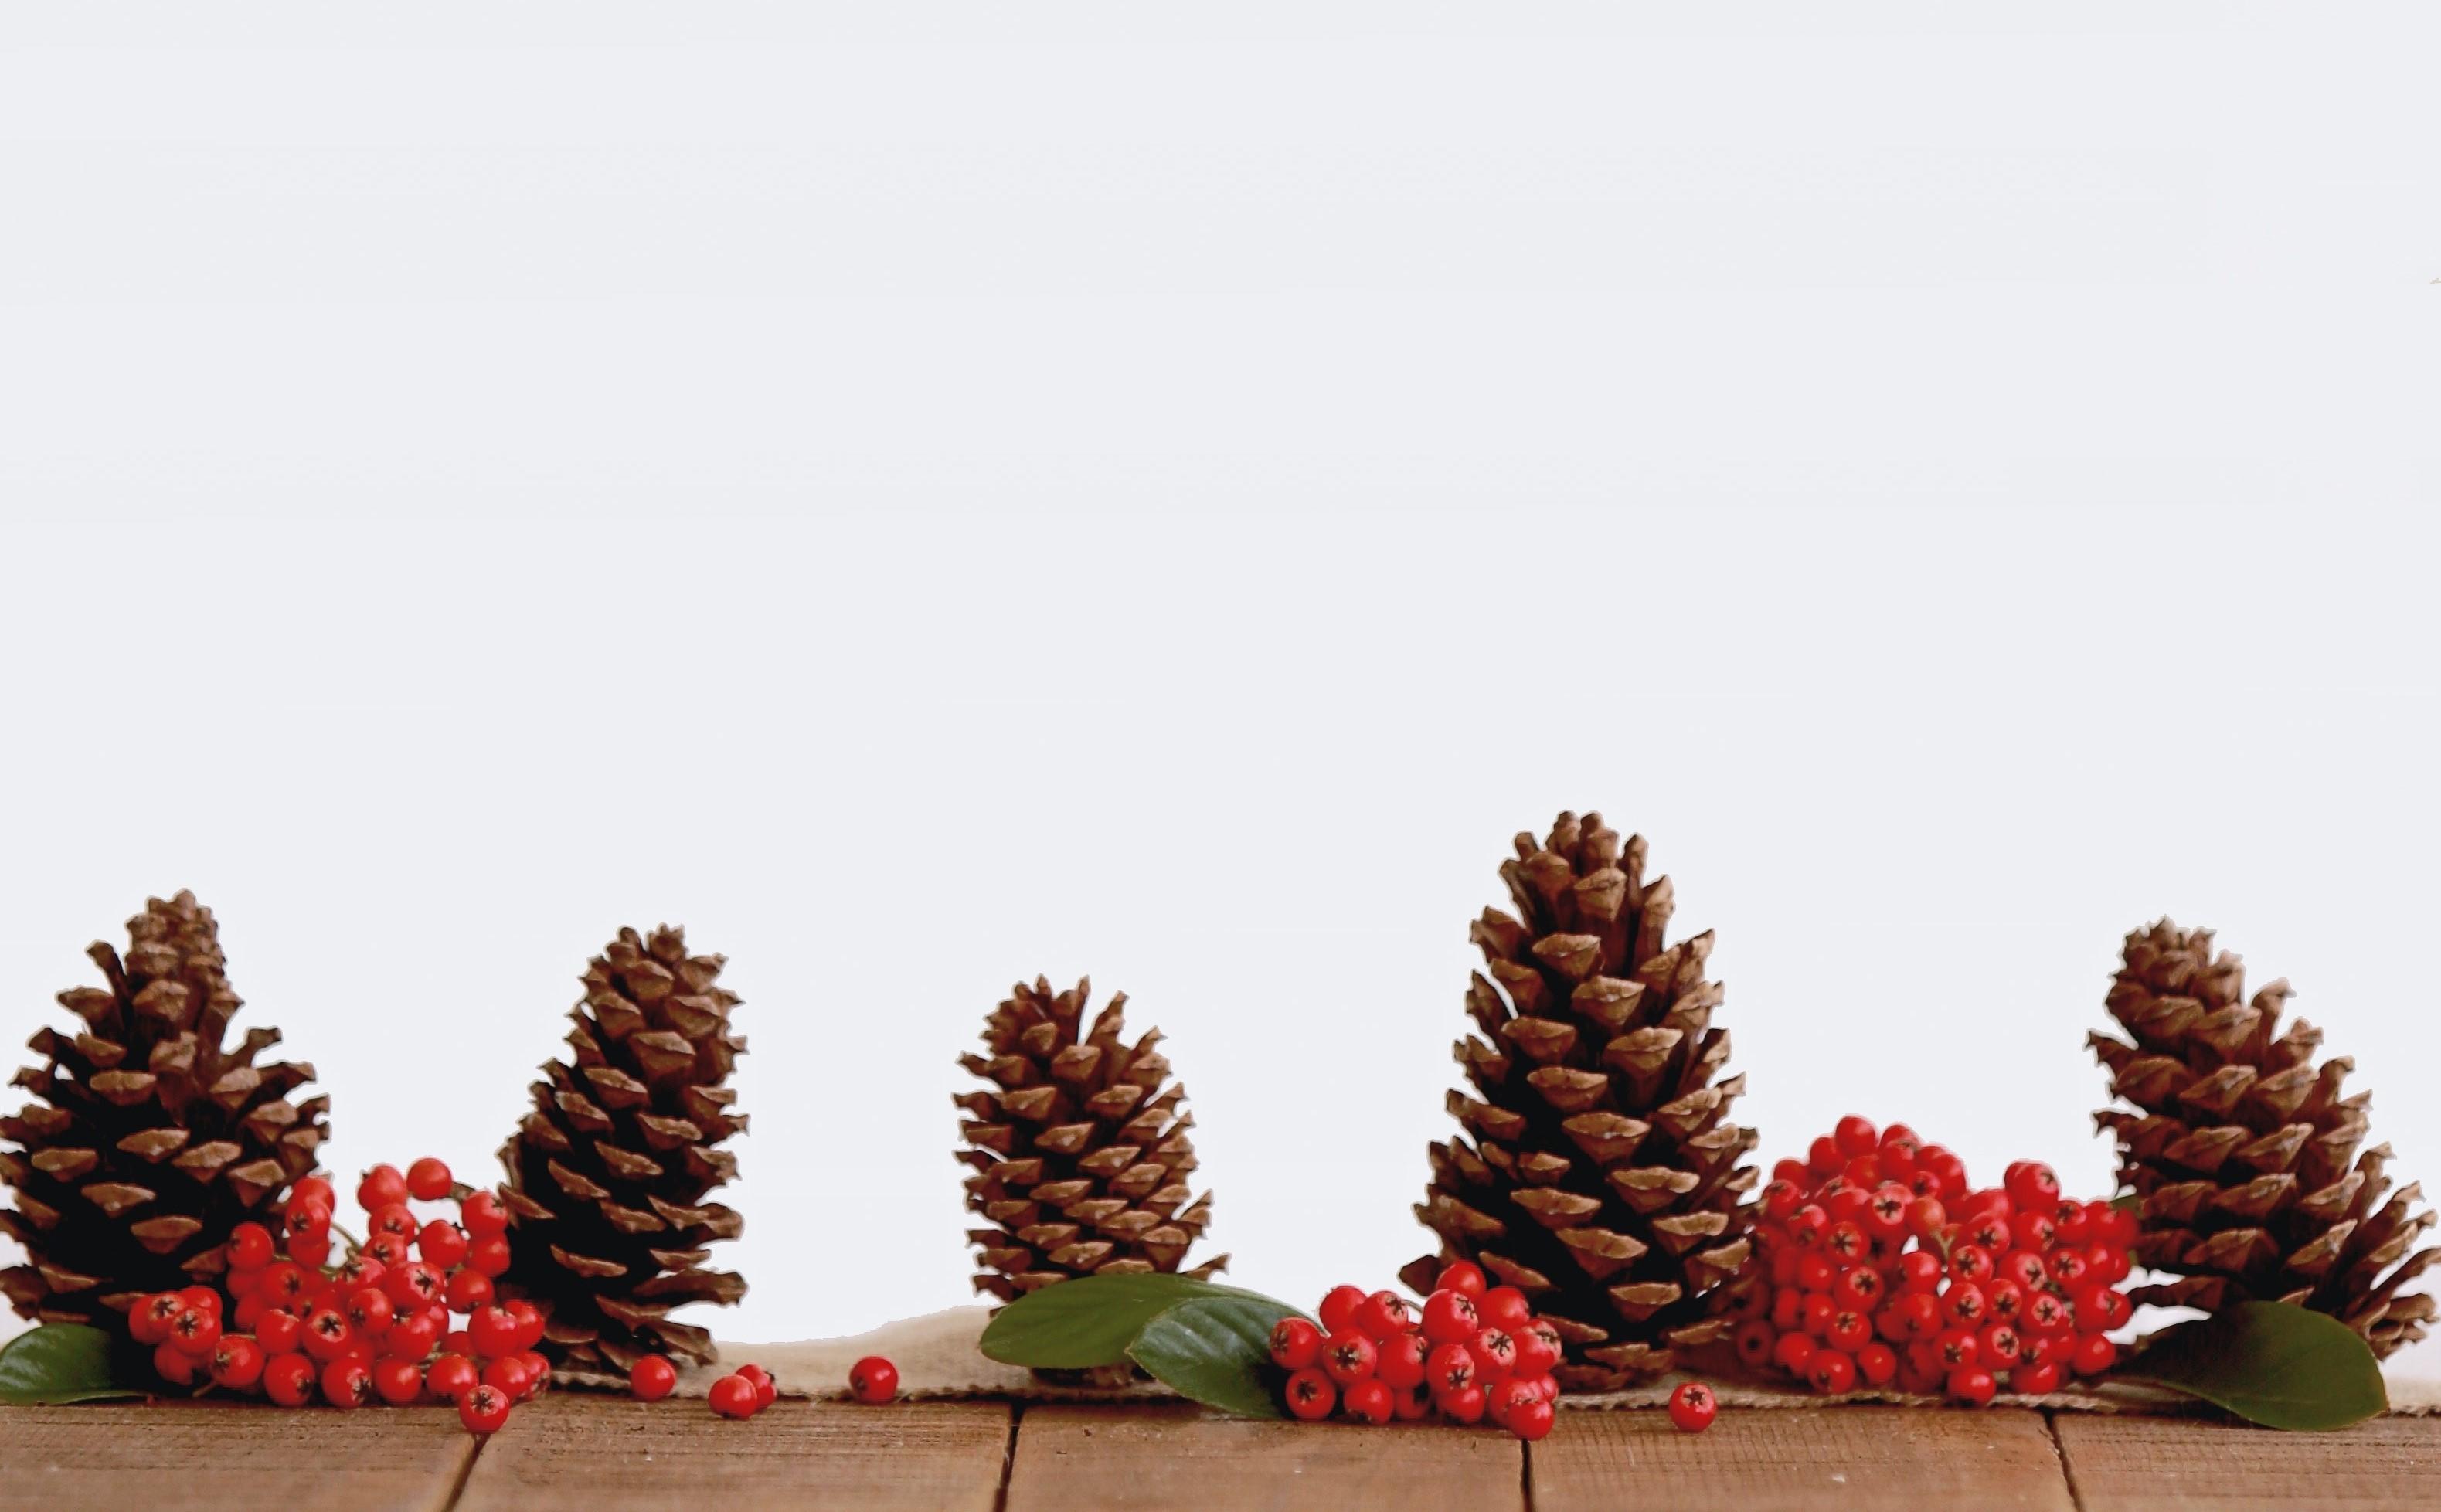 Préparez des décorations de biscuits pour votre arbre et faites de délicieuses guirlandes de canneberges et de maïs soufflé!